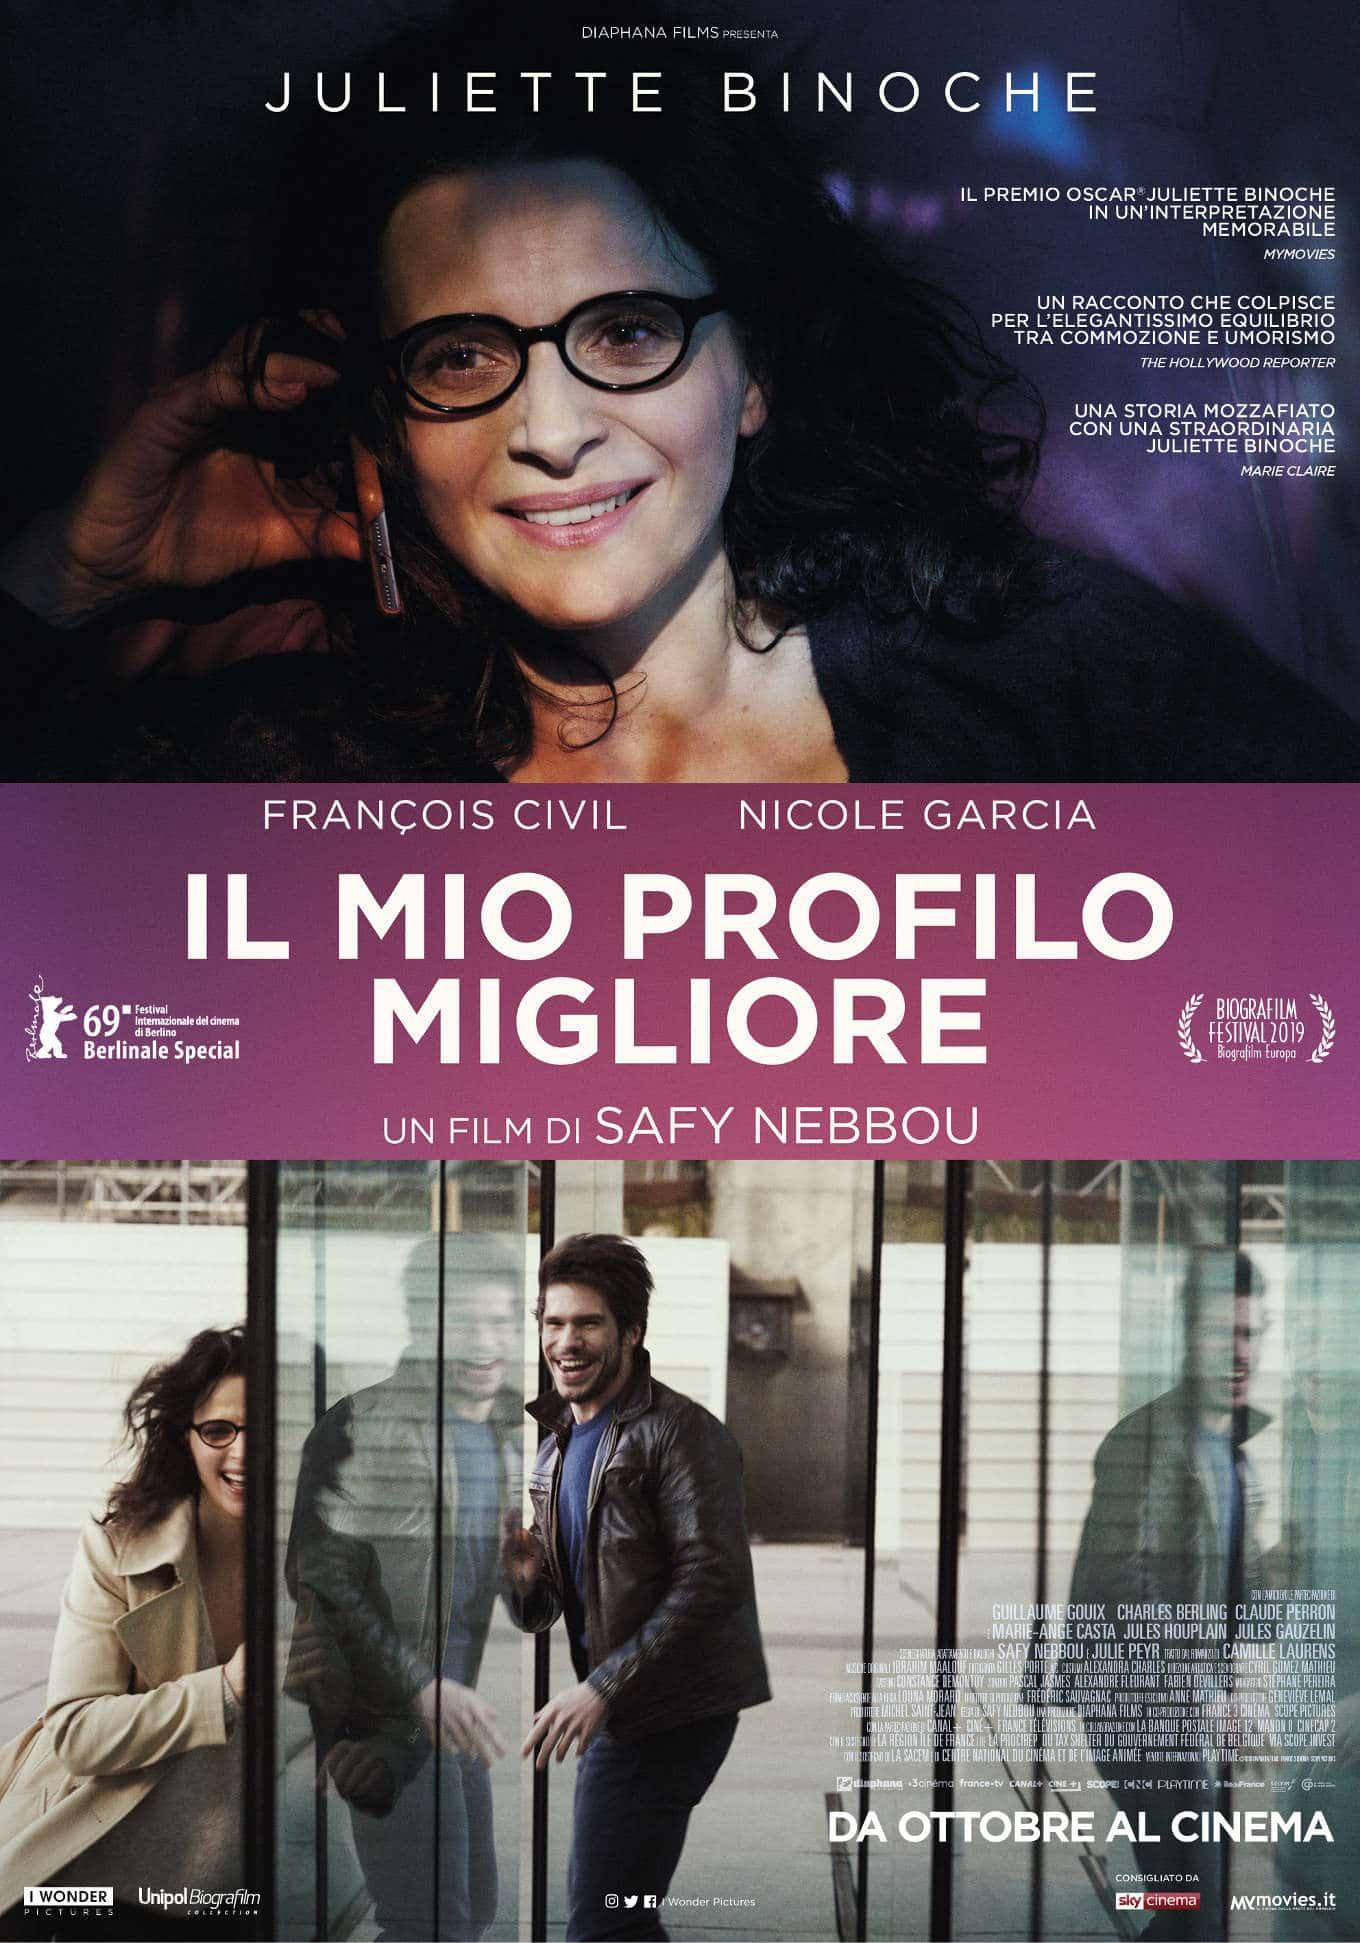 Il mio profilo migliore (2019) la bellezza che sfiorisce, il timore della solitudine e il ricorso a un alter ego social – Recensione del film